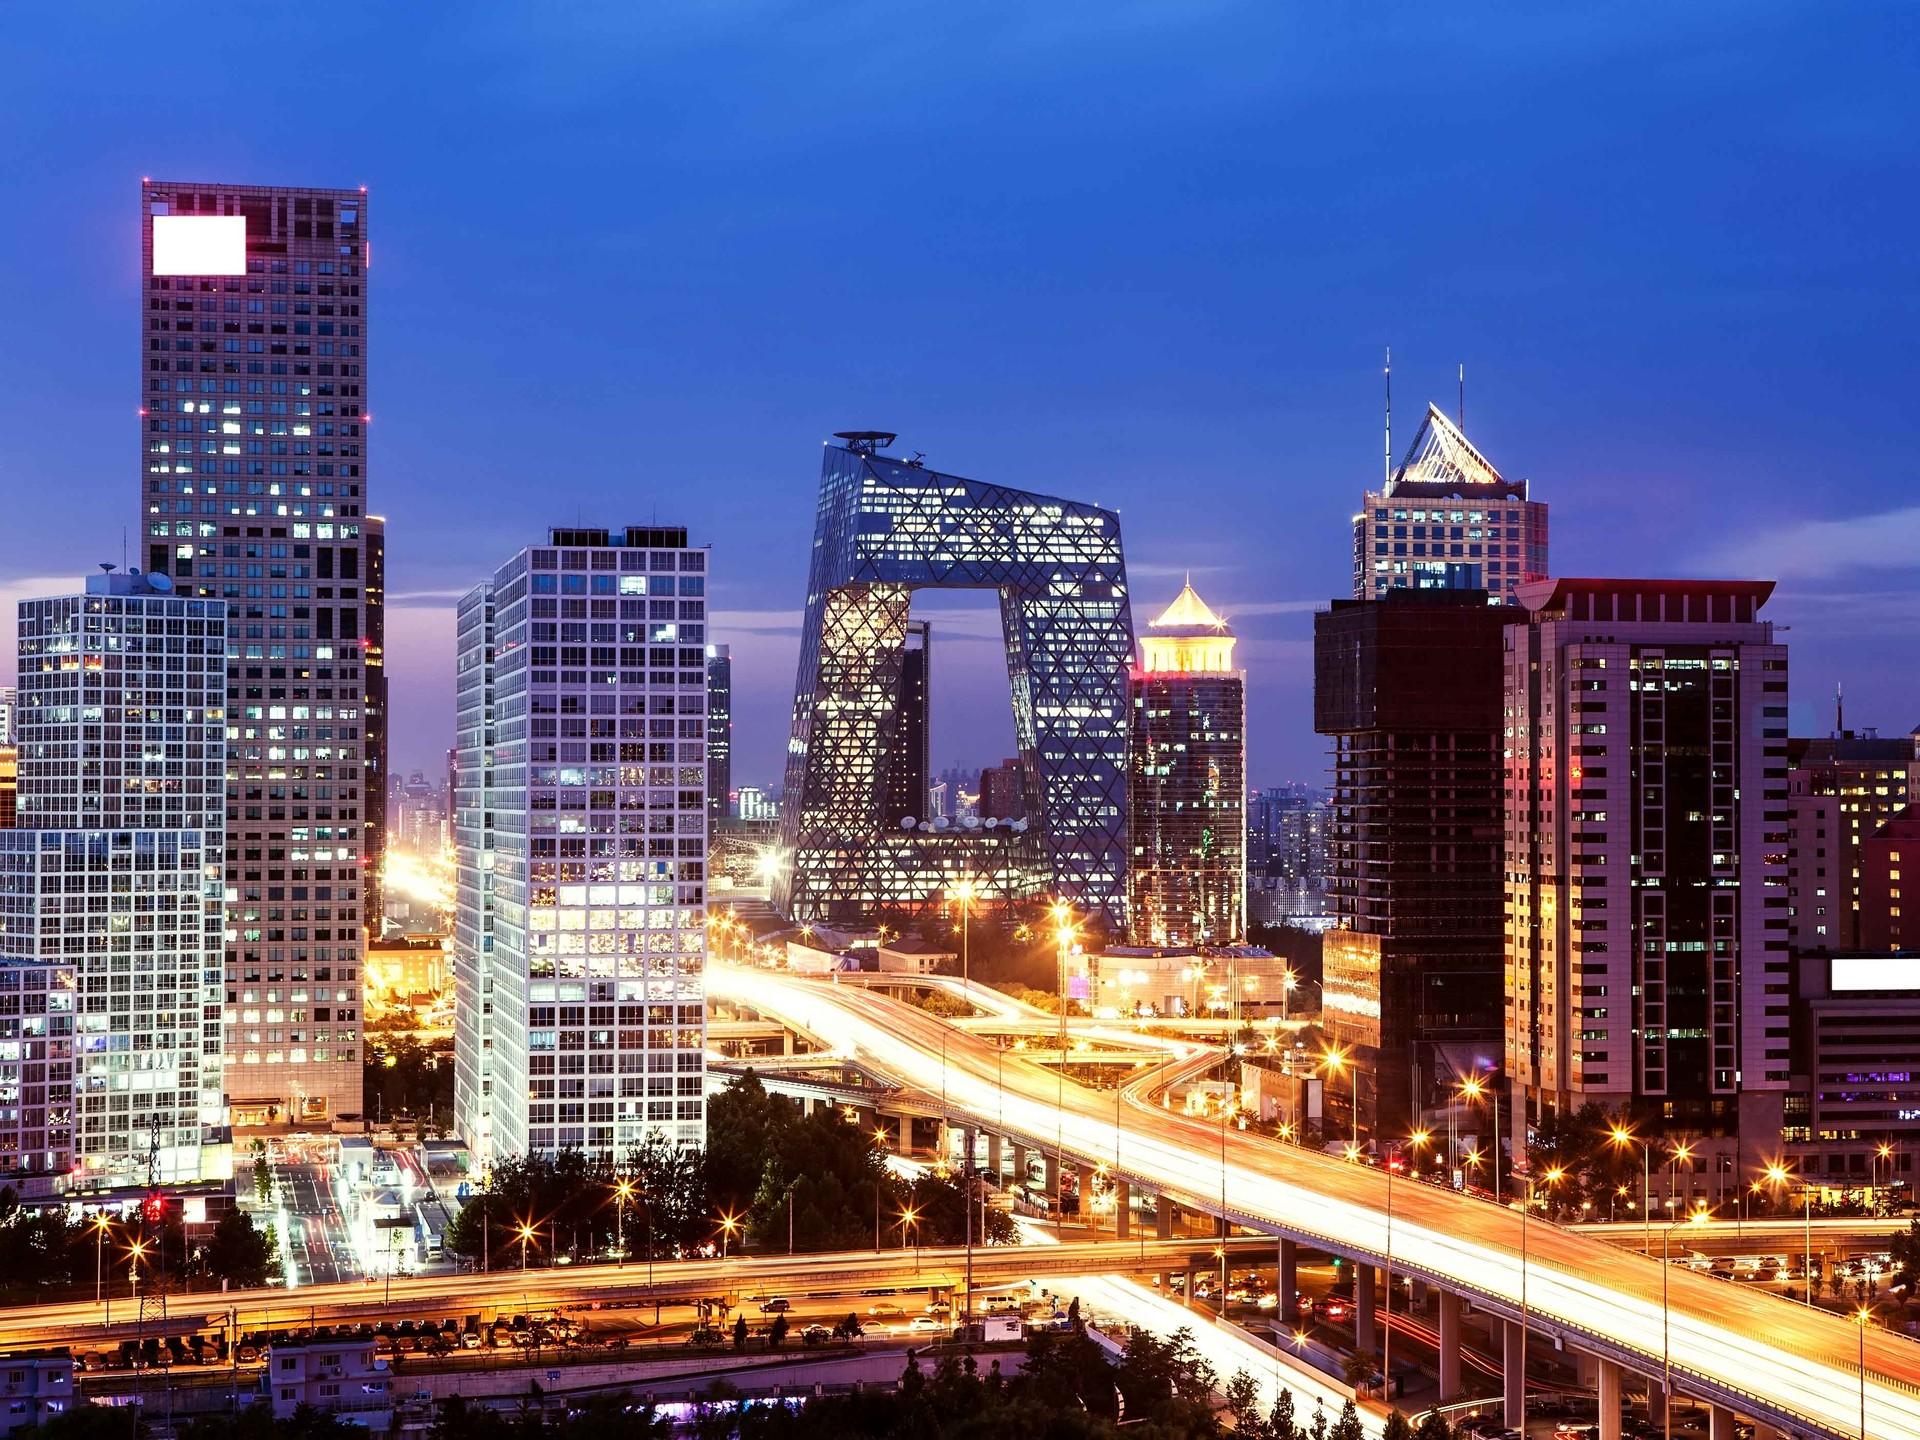 Avete paura dellinquinamento a Pechino Leggete qui  Blog Erasmus Pechino Cina